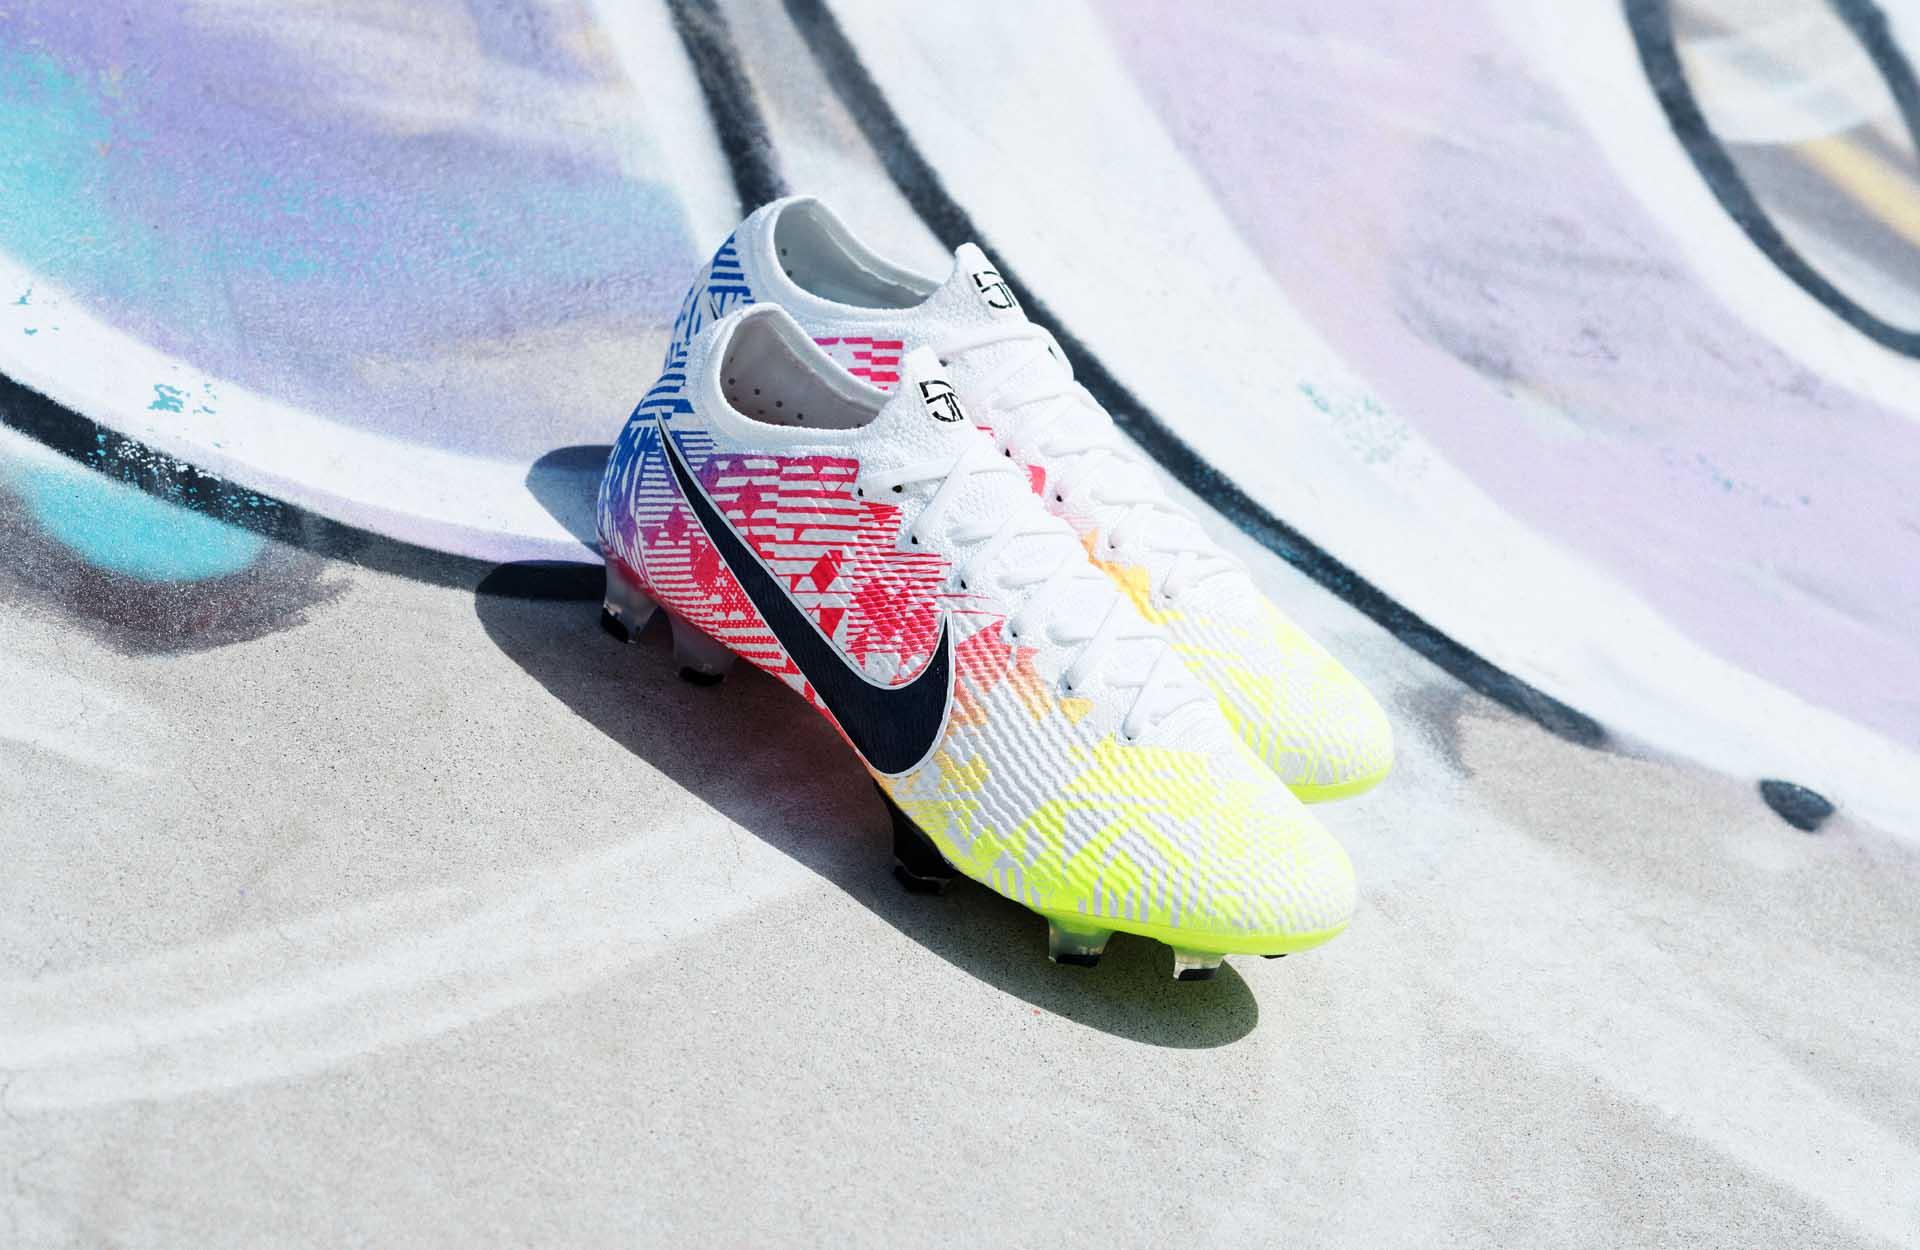 Đôi giày đá banh của Neymar được sản xuất bằng chất liệu da vải sợi dệt siêu mềm và nhẹ